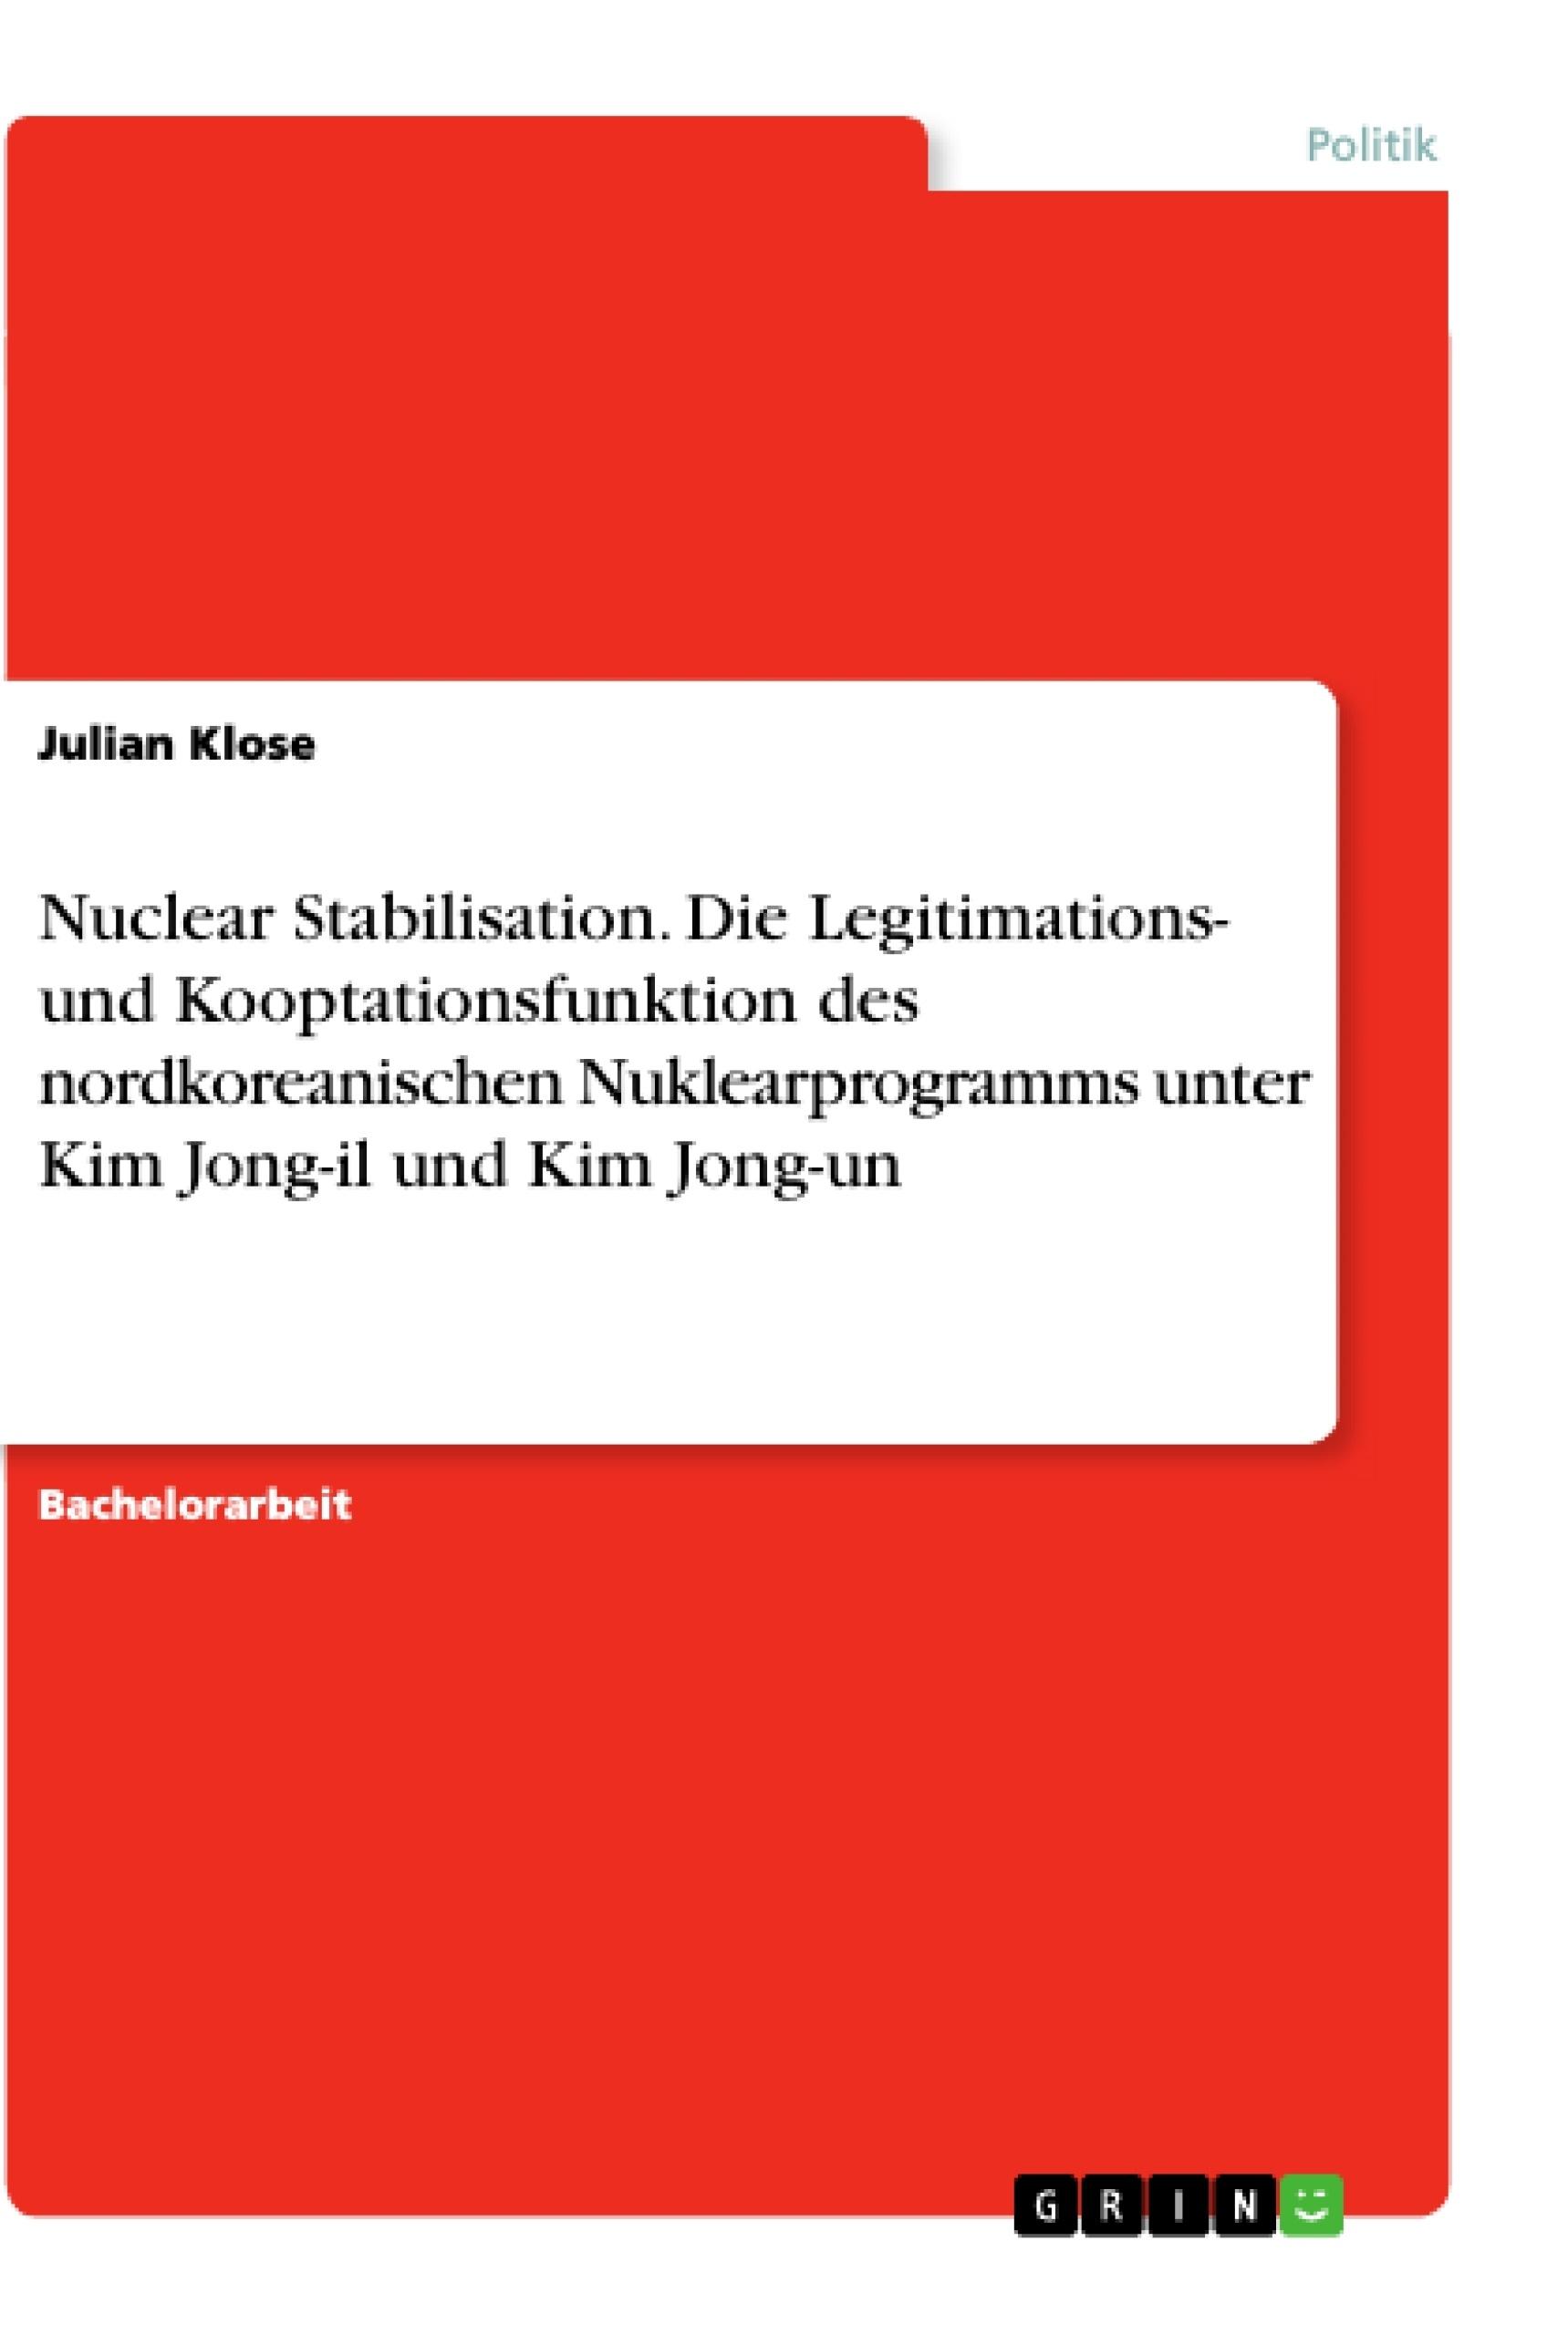 Titel: Nuclear Stabilisation. Die Legitimations- und Kooptationsfunktion des nordkoreanischen Nuklearprogramms unter Kim Jong-il und Kim Jong-un